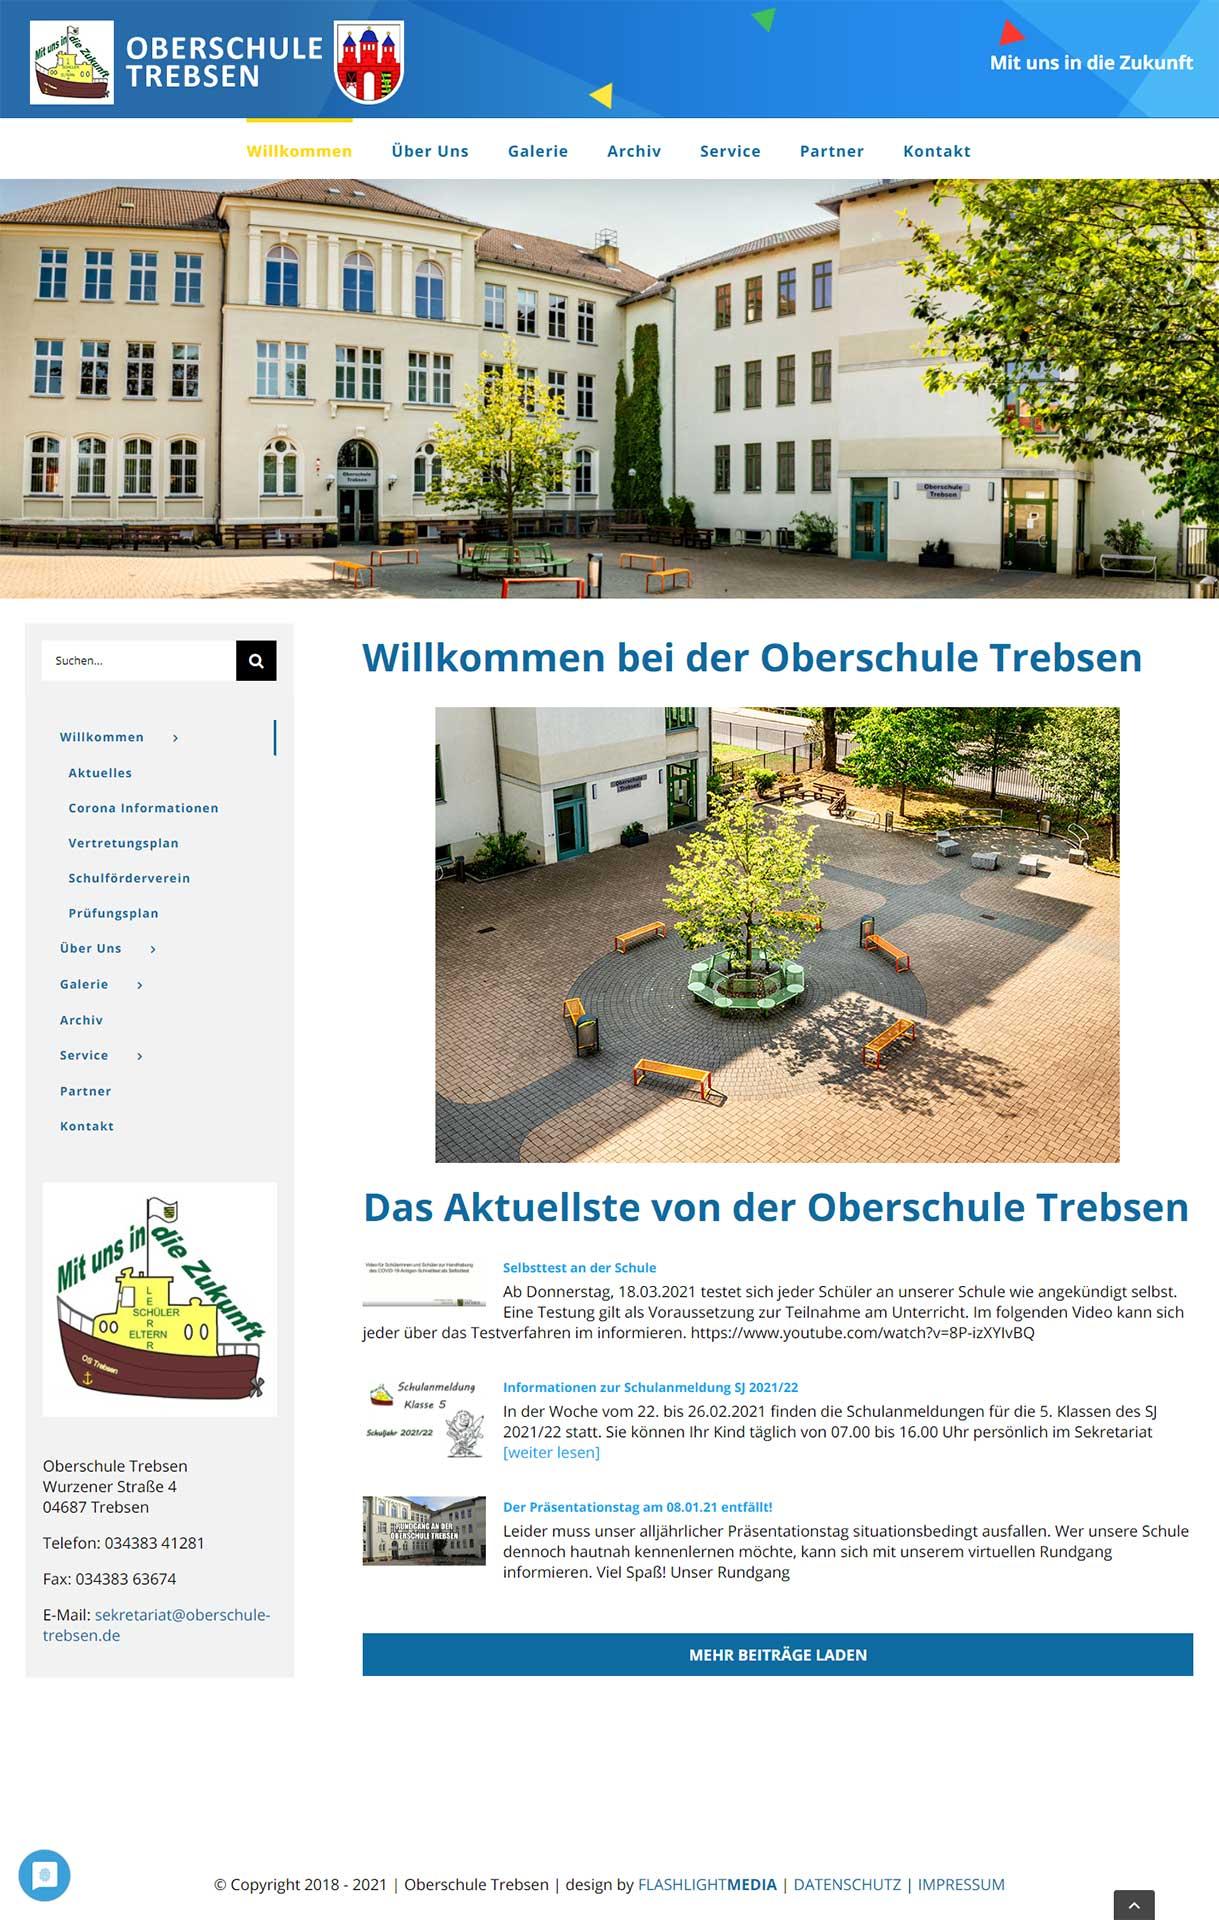 webdesign-flashlightmedia-werbeagentur-leipzig-grimma-startseite-oberschule-trebsen-webseite